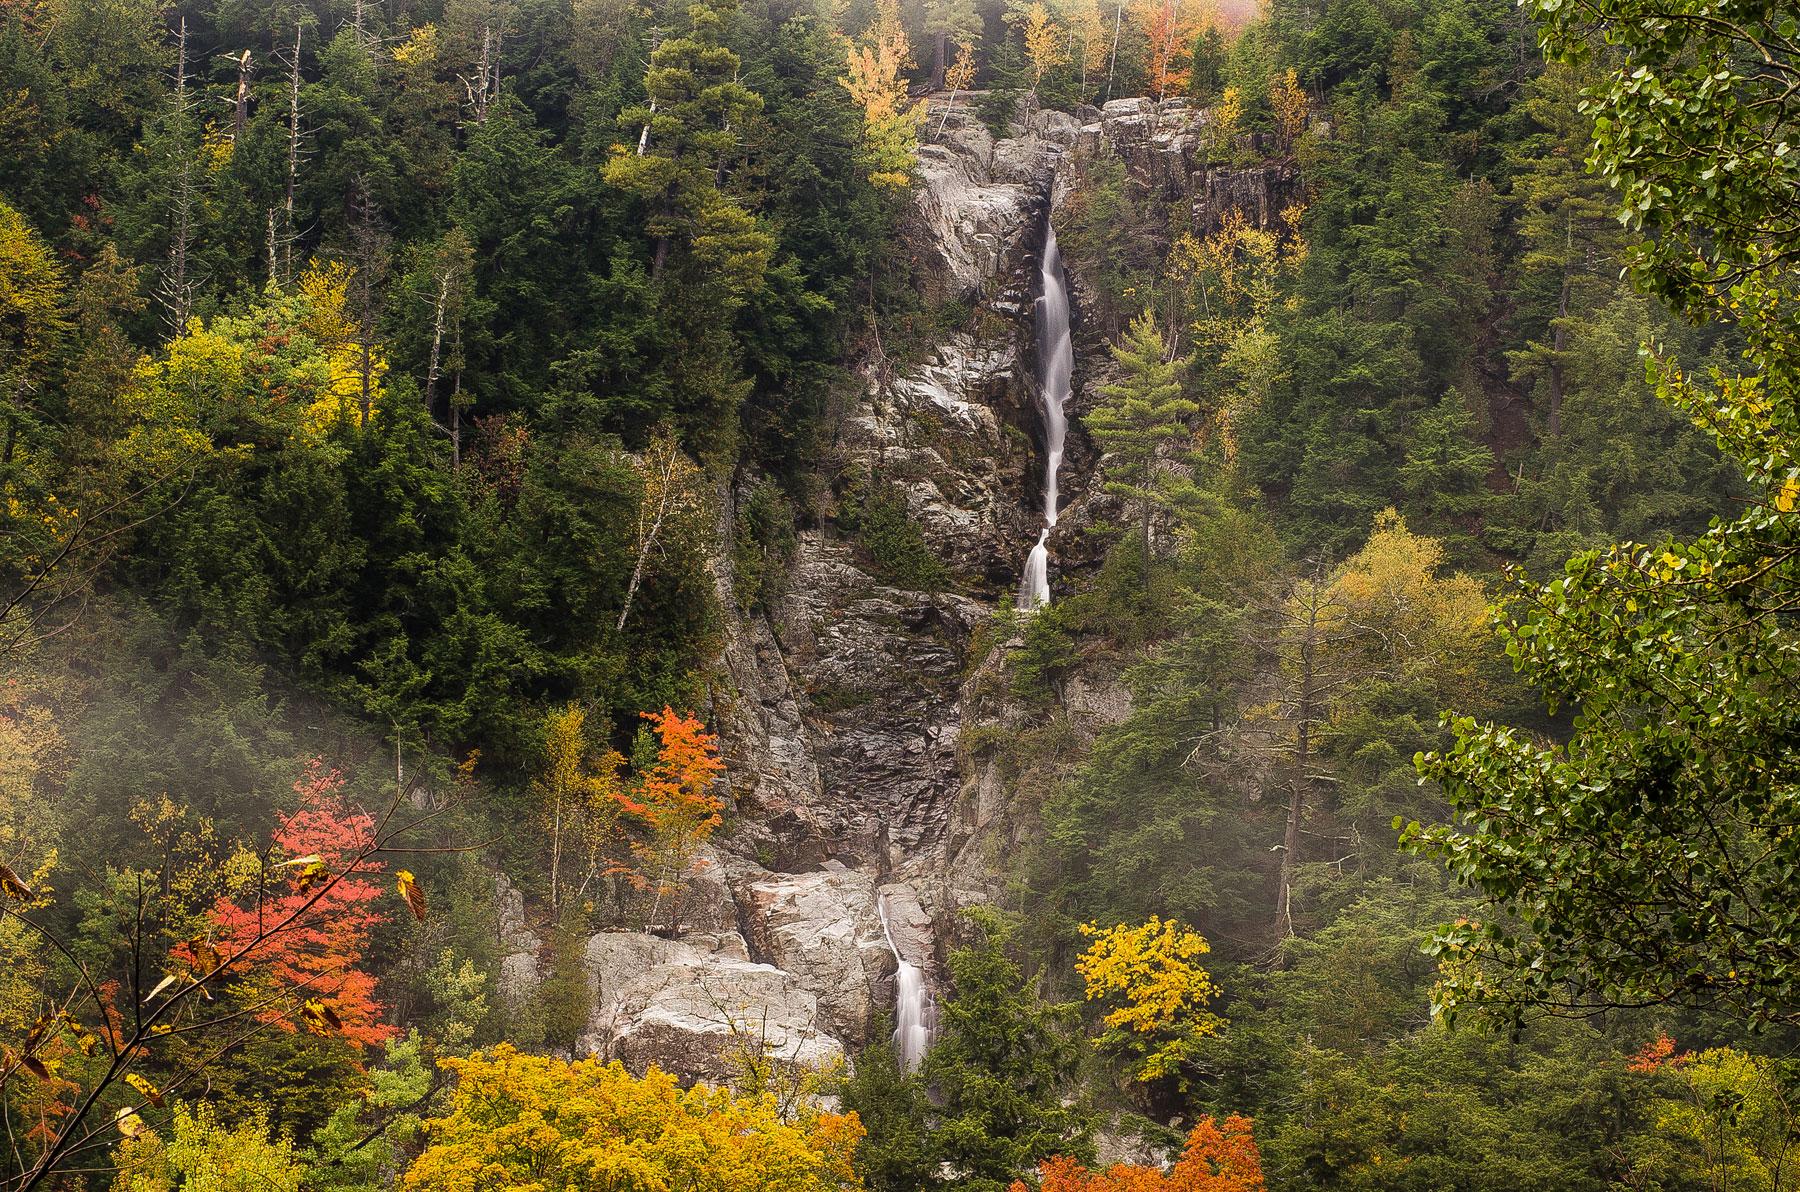 Roaring Brook Falls - Keen Valley | Dig The Falls